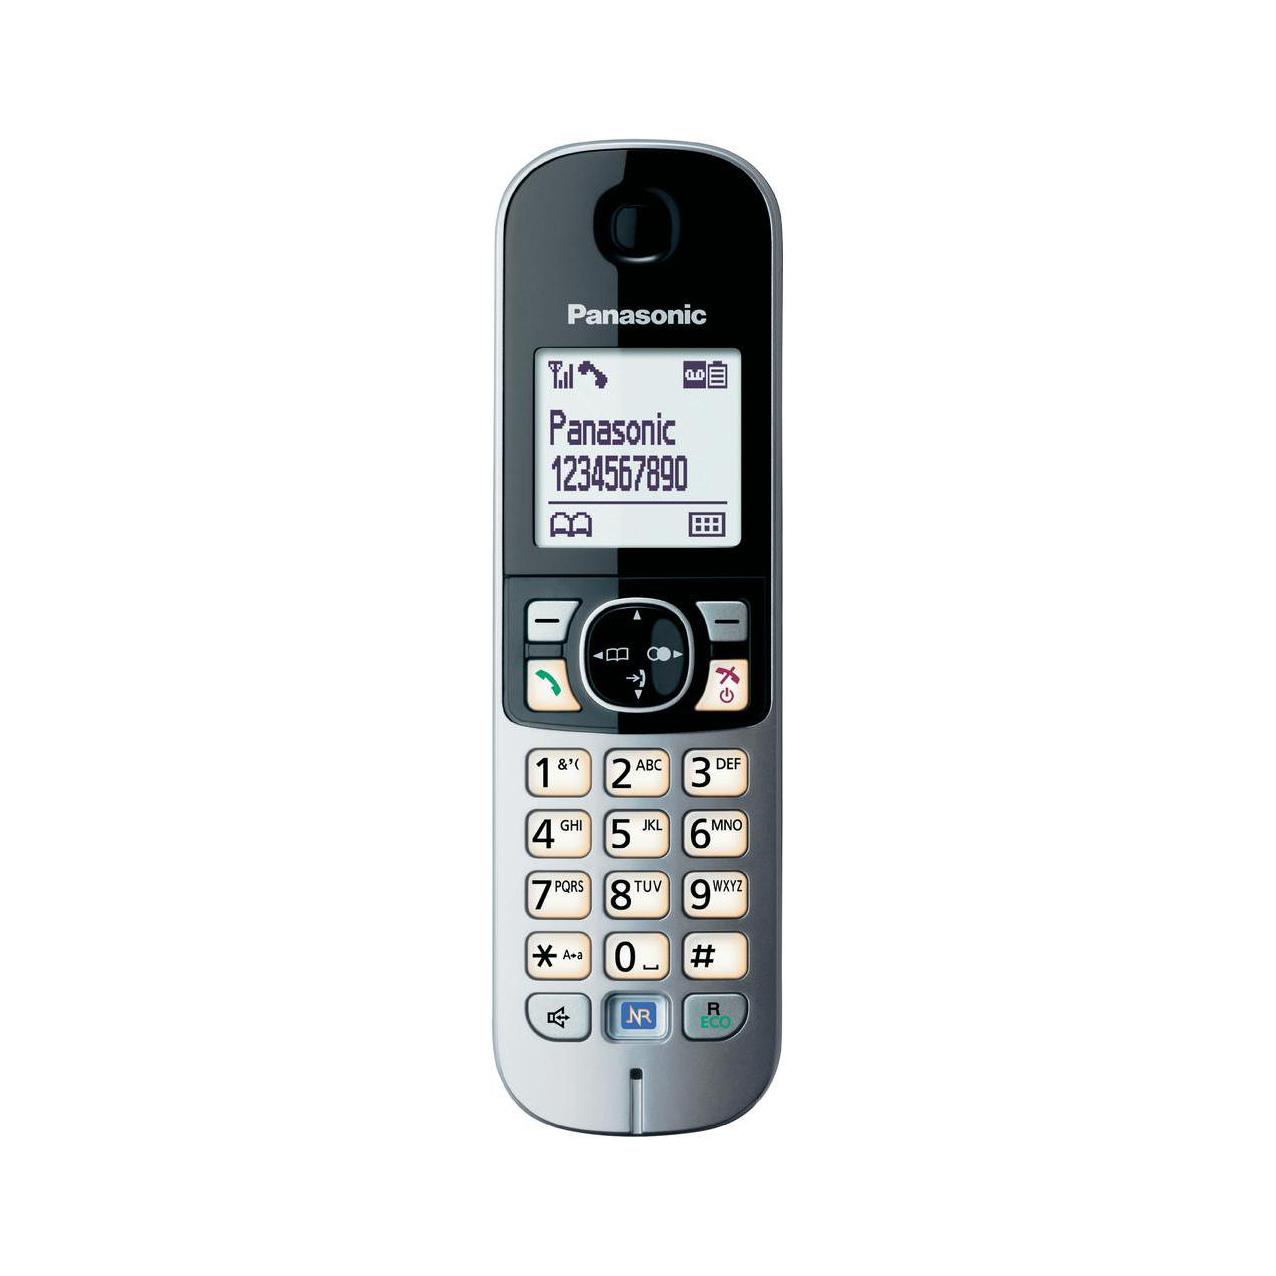 تلفن بیسیم پاناسونیک مدل Panasonic-KX-TG6821 ساخت مالزی